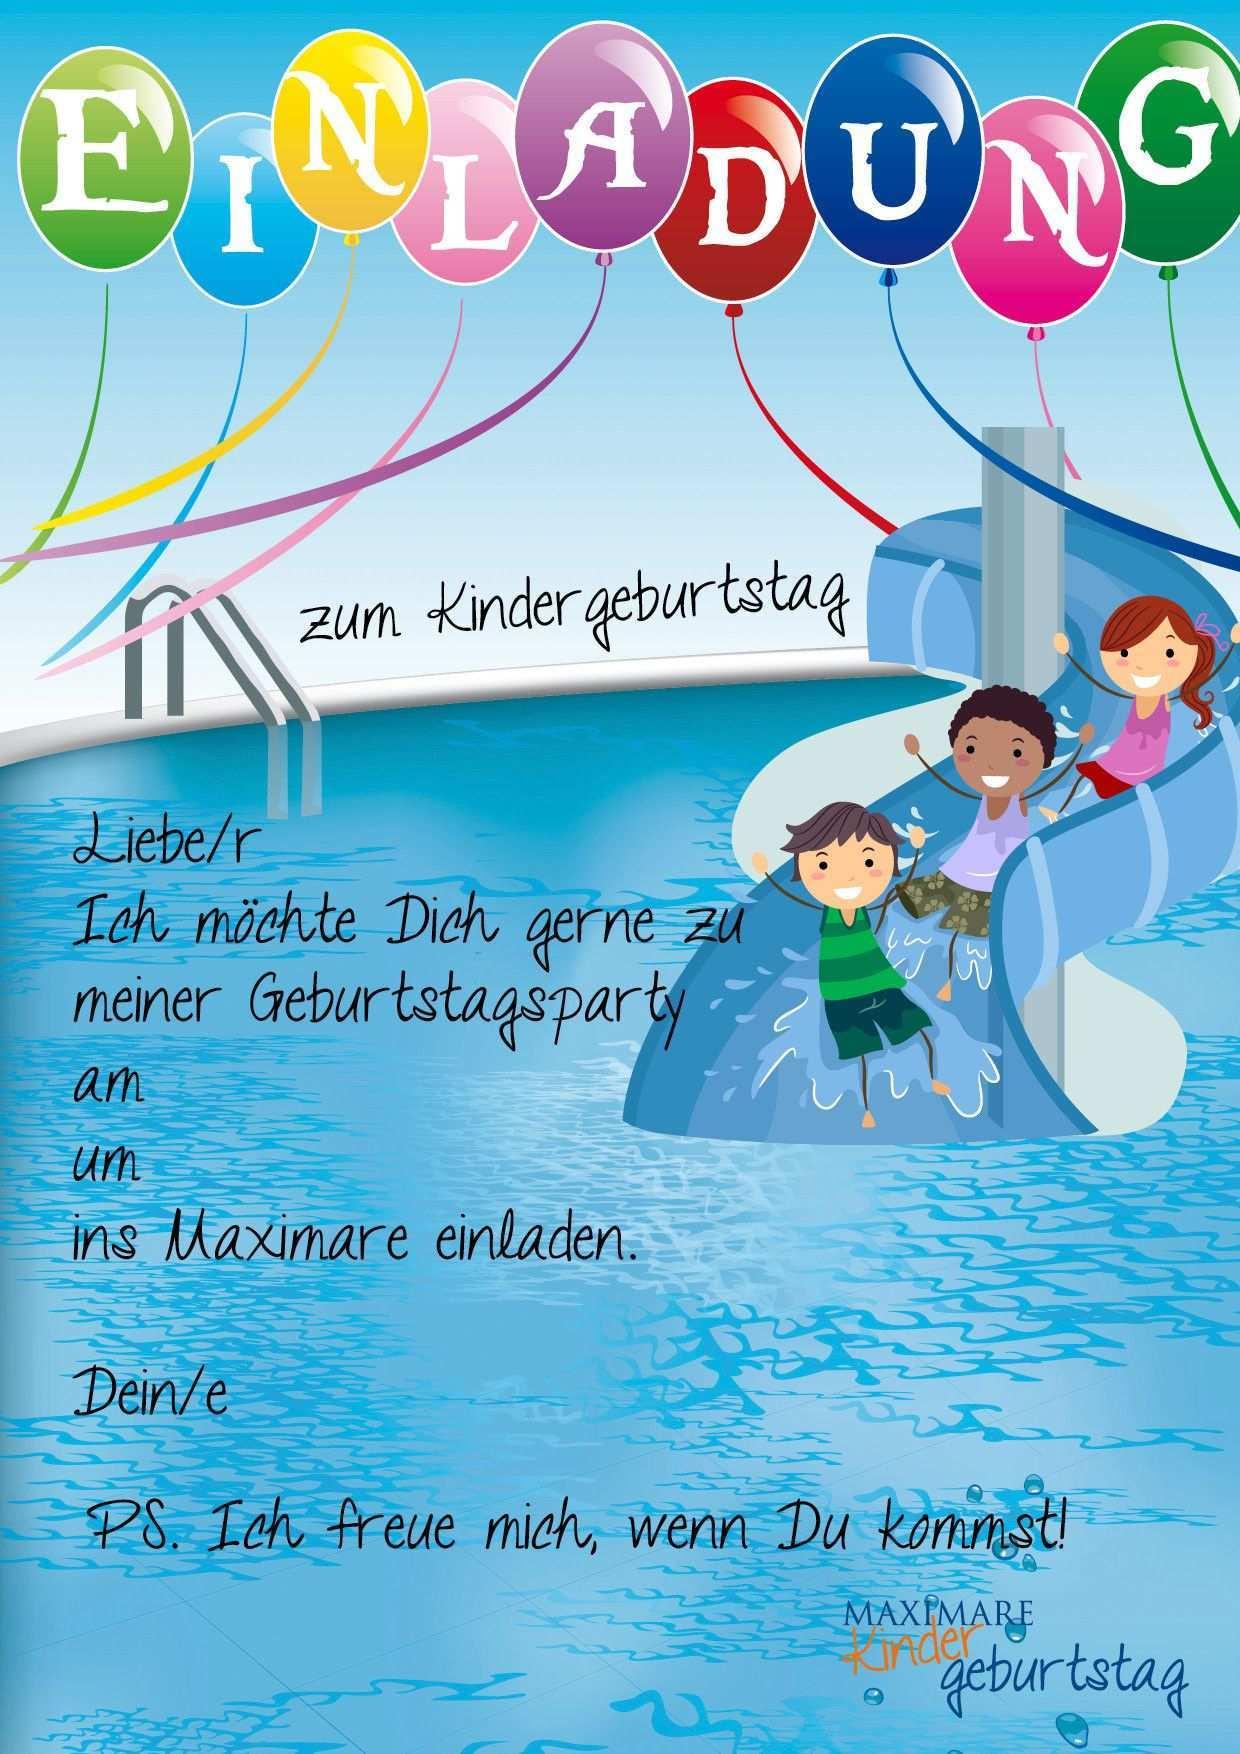 Einladung Kindergeburtstag Text 2 Geburtstag Luxury Gebu Geburtstags Einladung Kinder Einladungskarten Kindergeburtstag Text Einladungskarten Kindergeburtstag